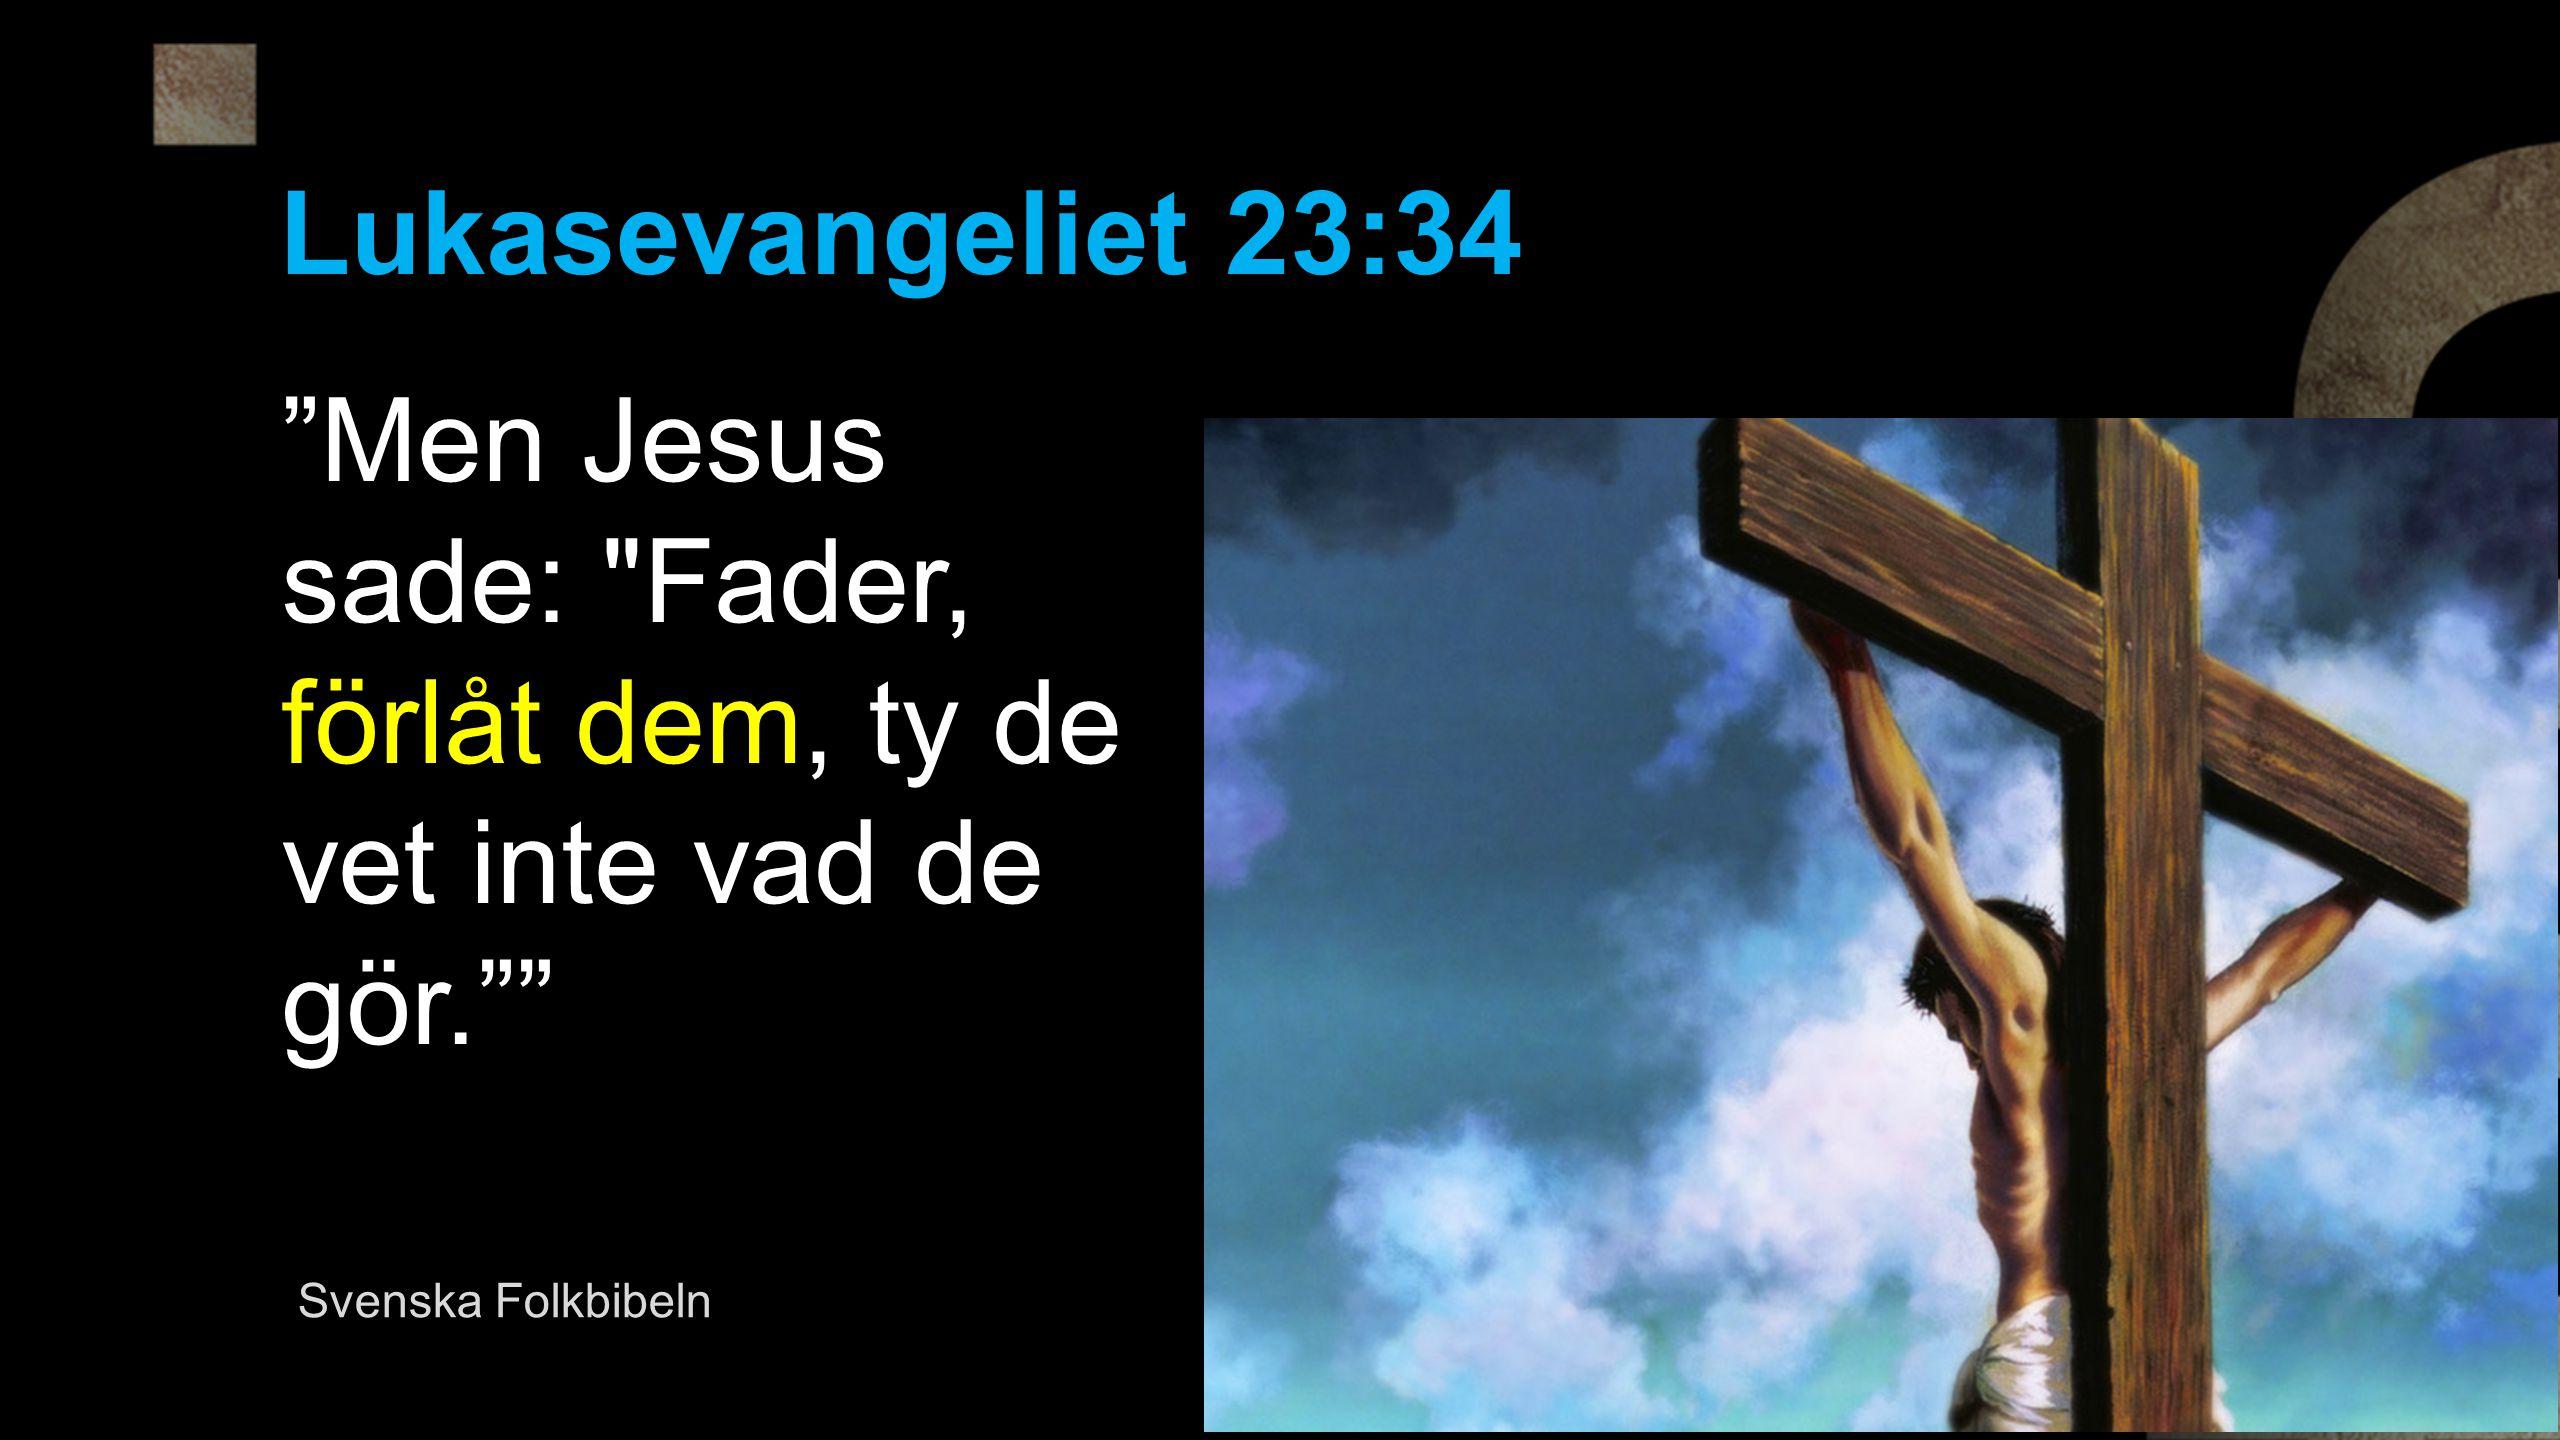 Men Jesus sade: Fader, förlåt dem, ty de vet inte vad de gör.